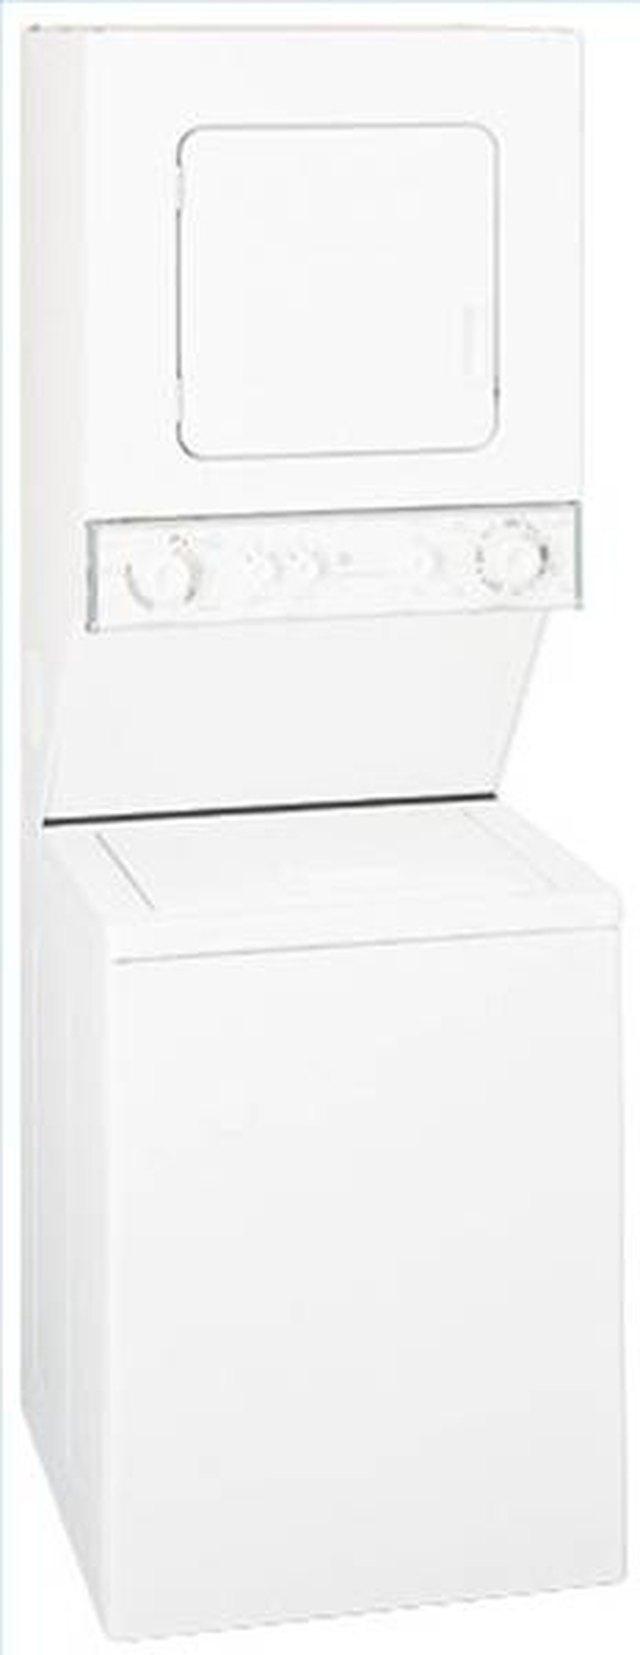 stackable washing machine. Stackable Washing Machine Repair Guide